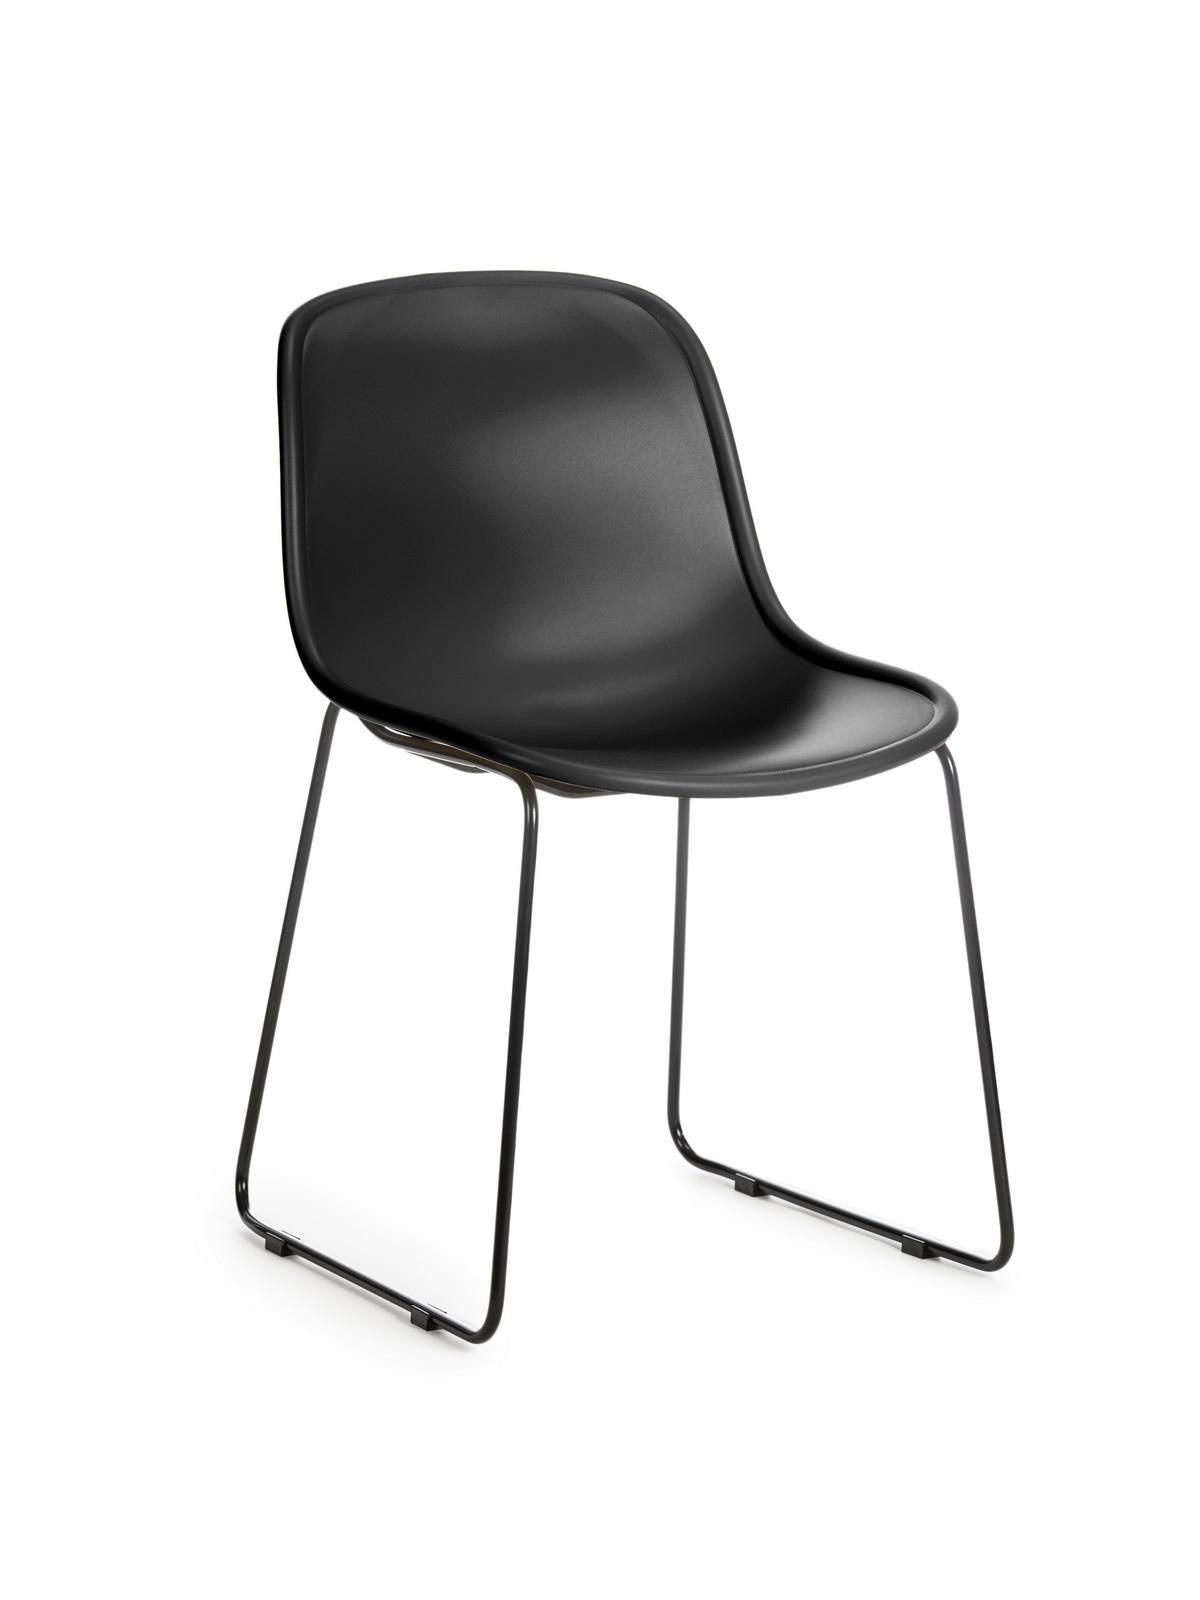 Scaun din plastic, cu picioare metalice Cosmo Black, l57xA54xH78cm poza